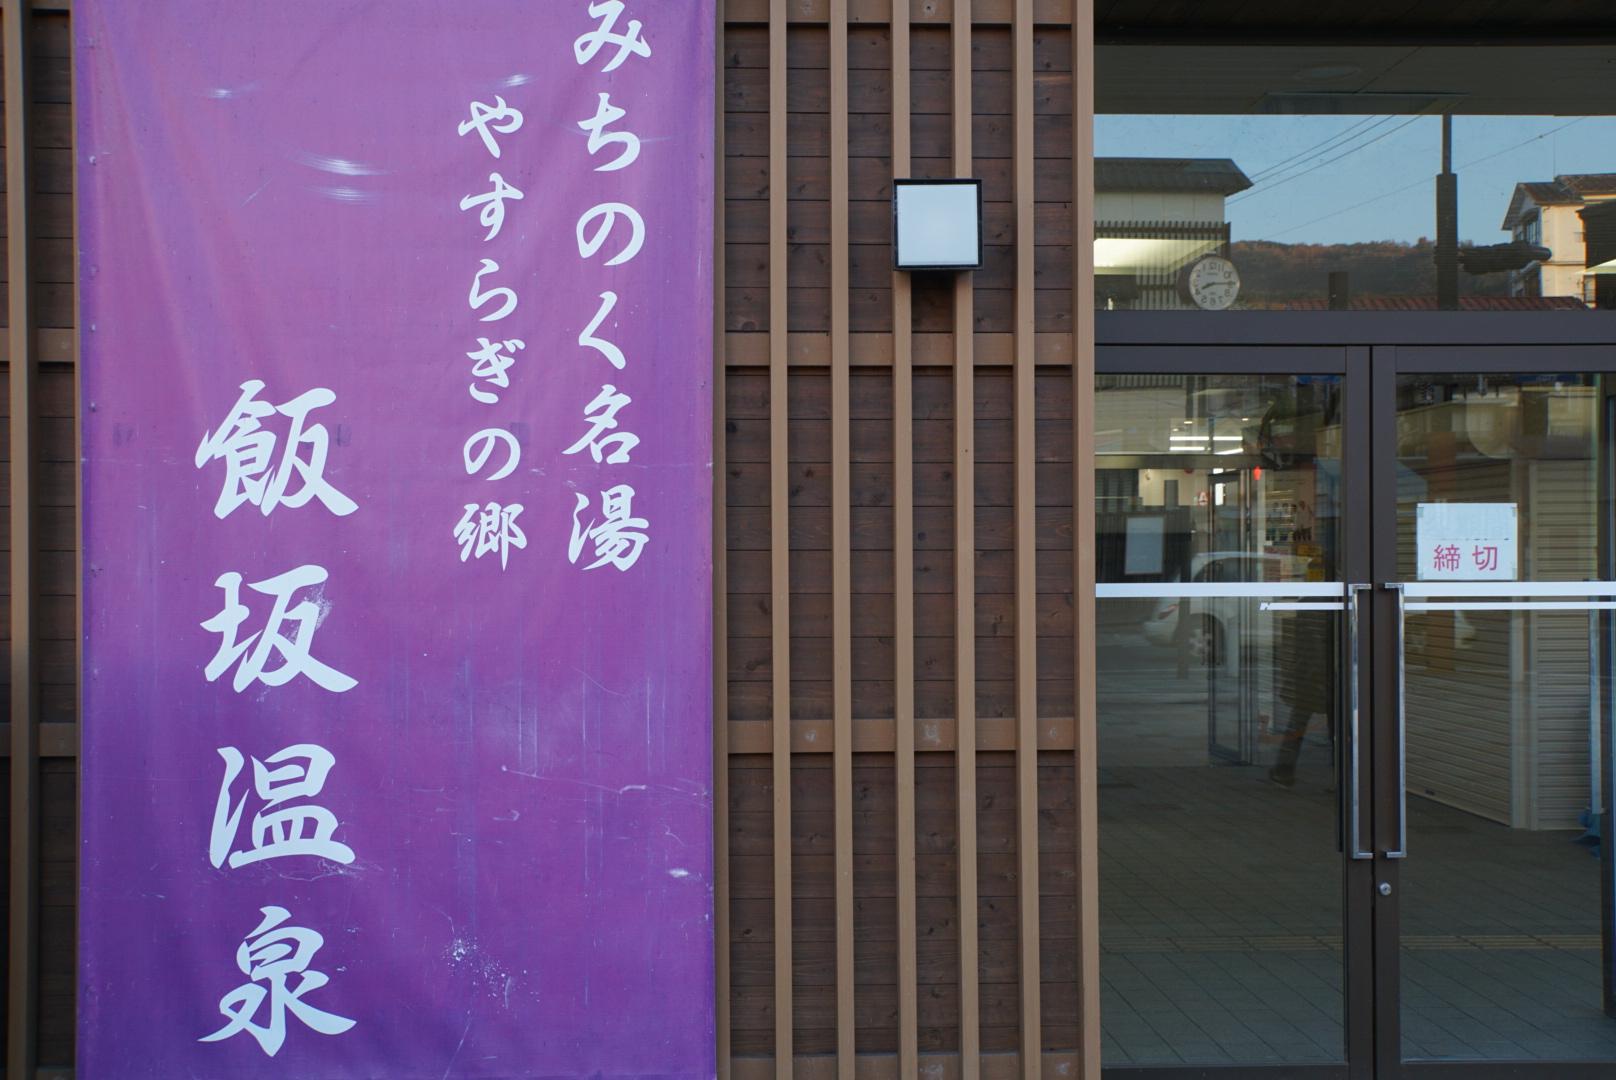 福島の秋:銀杏が綺麗だった飯坂温泉【photos】